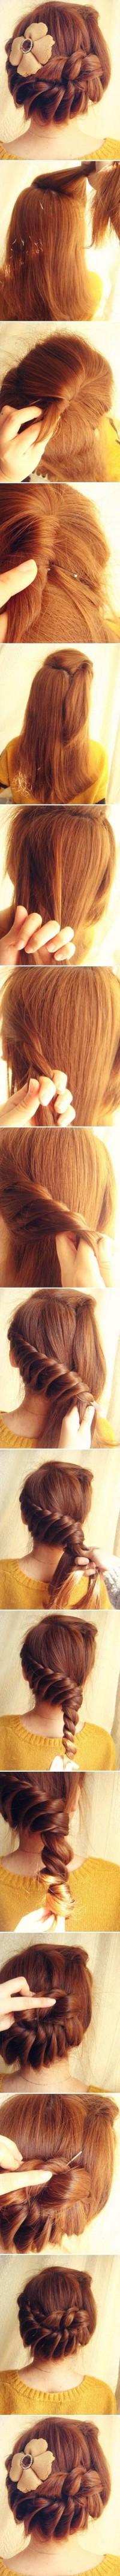 DIY Original Braid Medium Length Hair Hairstyle DIY Fashion Tips | DIY Fashion Projects